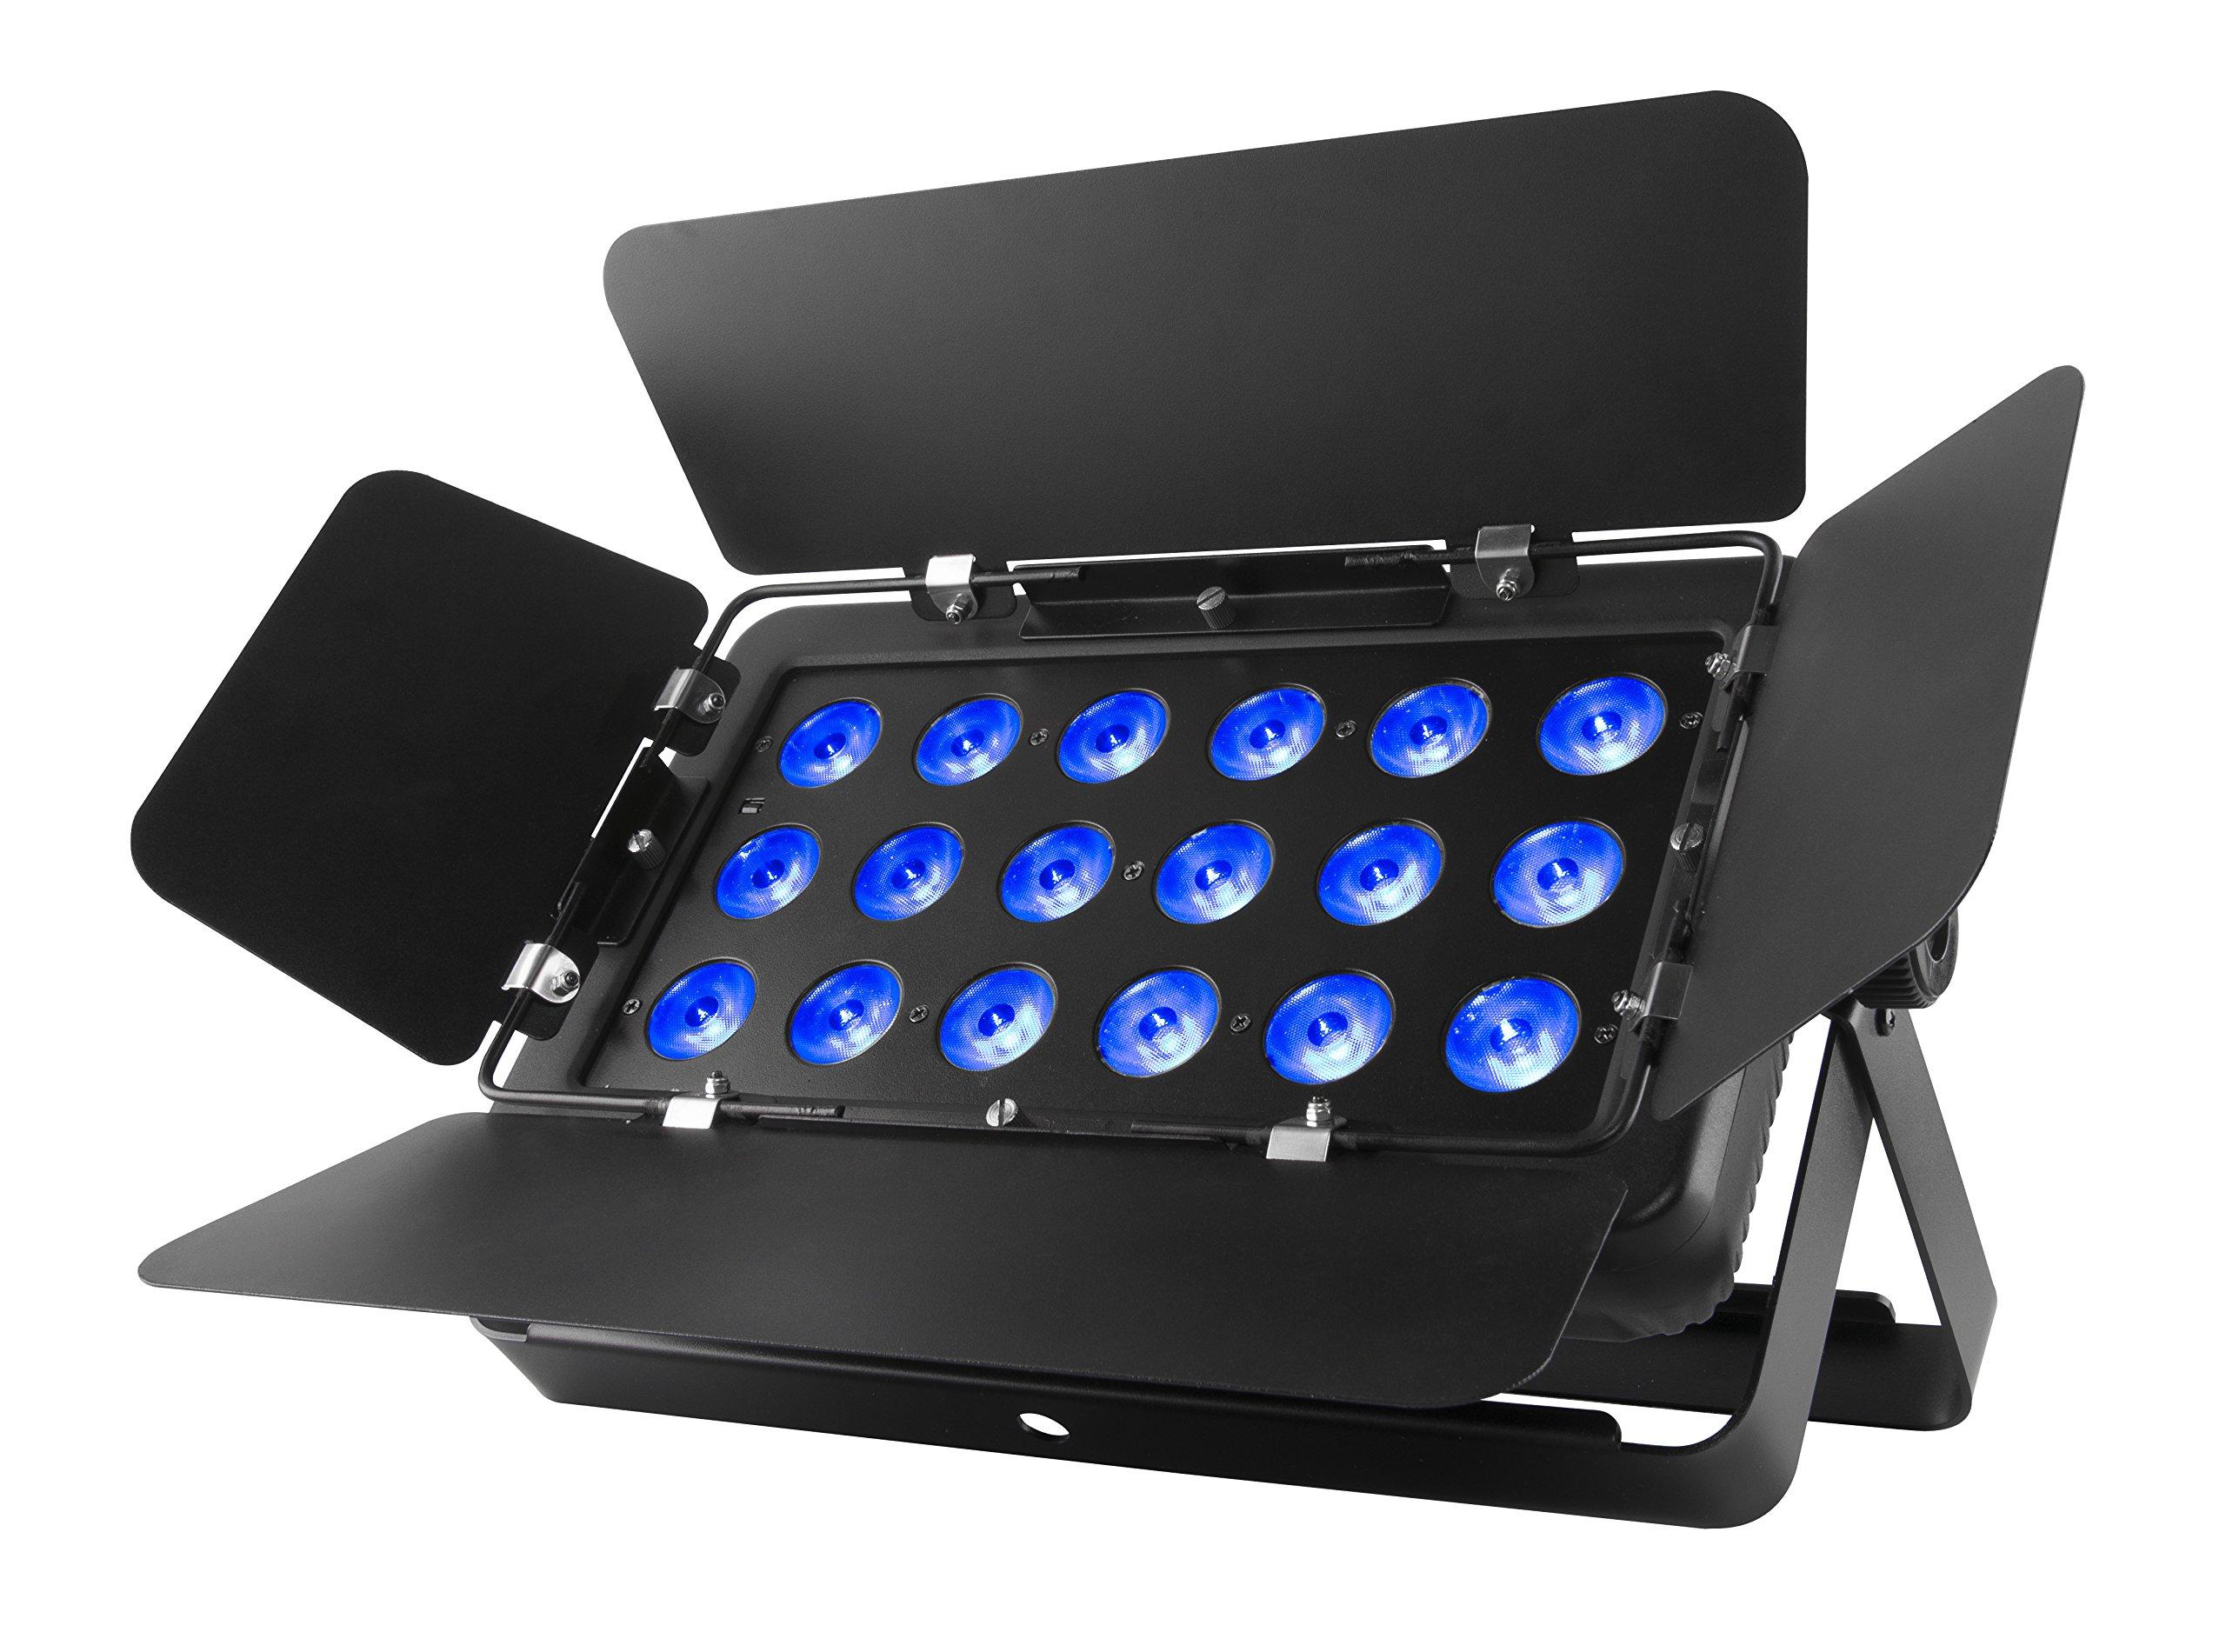 CHAUVET DJ SLIMBANKT18USB Tri-Color LED Wash/Effect Light w/Adjustable Barn Doors | LED Lighting